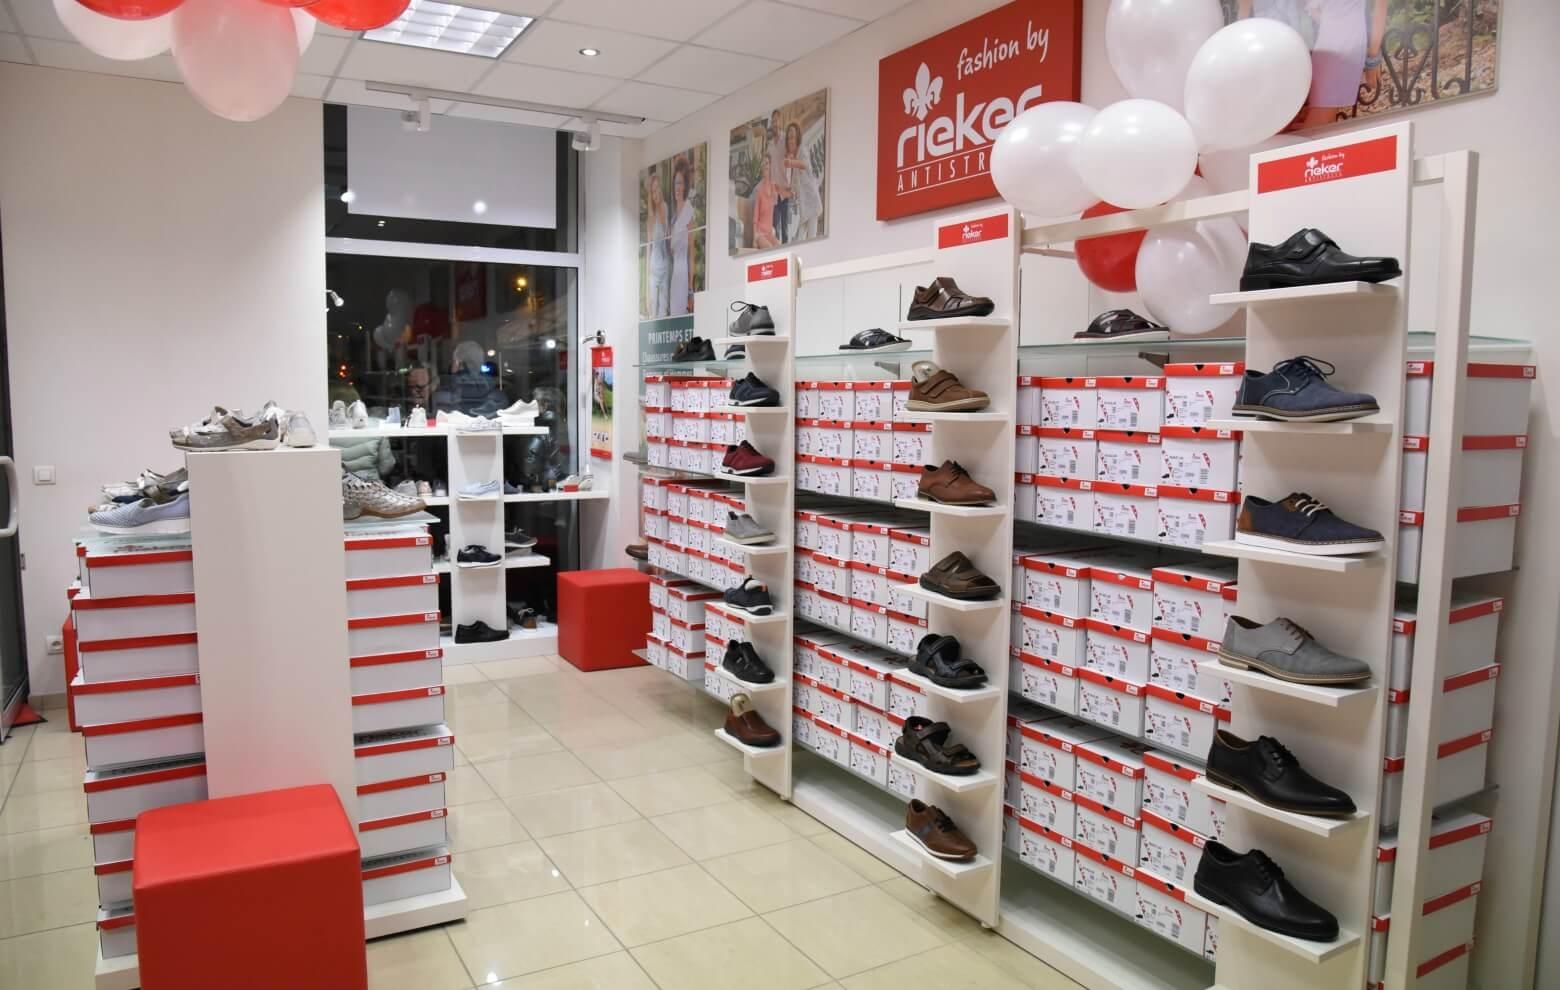 Bellaiche Chausseur Chaussures, 3 rue de Liège 64000 Pau